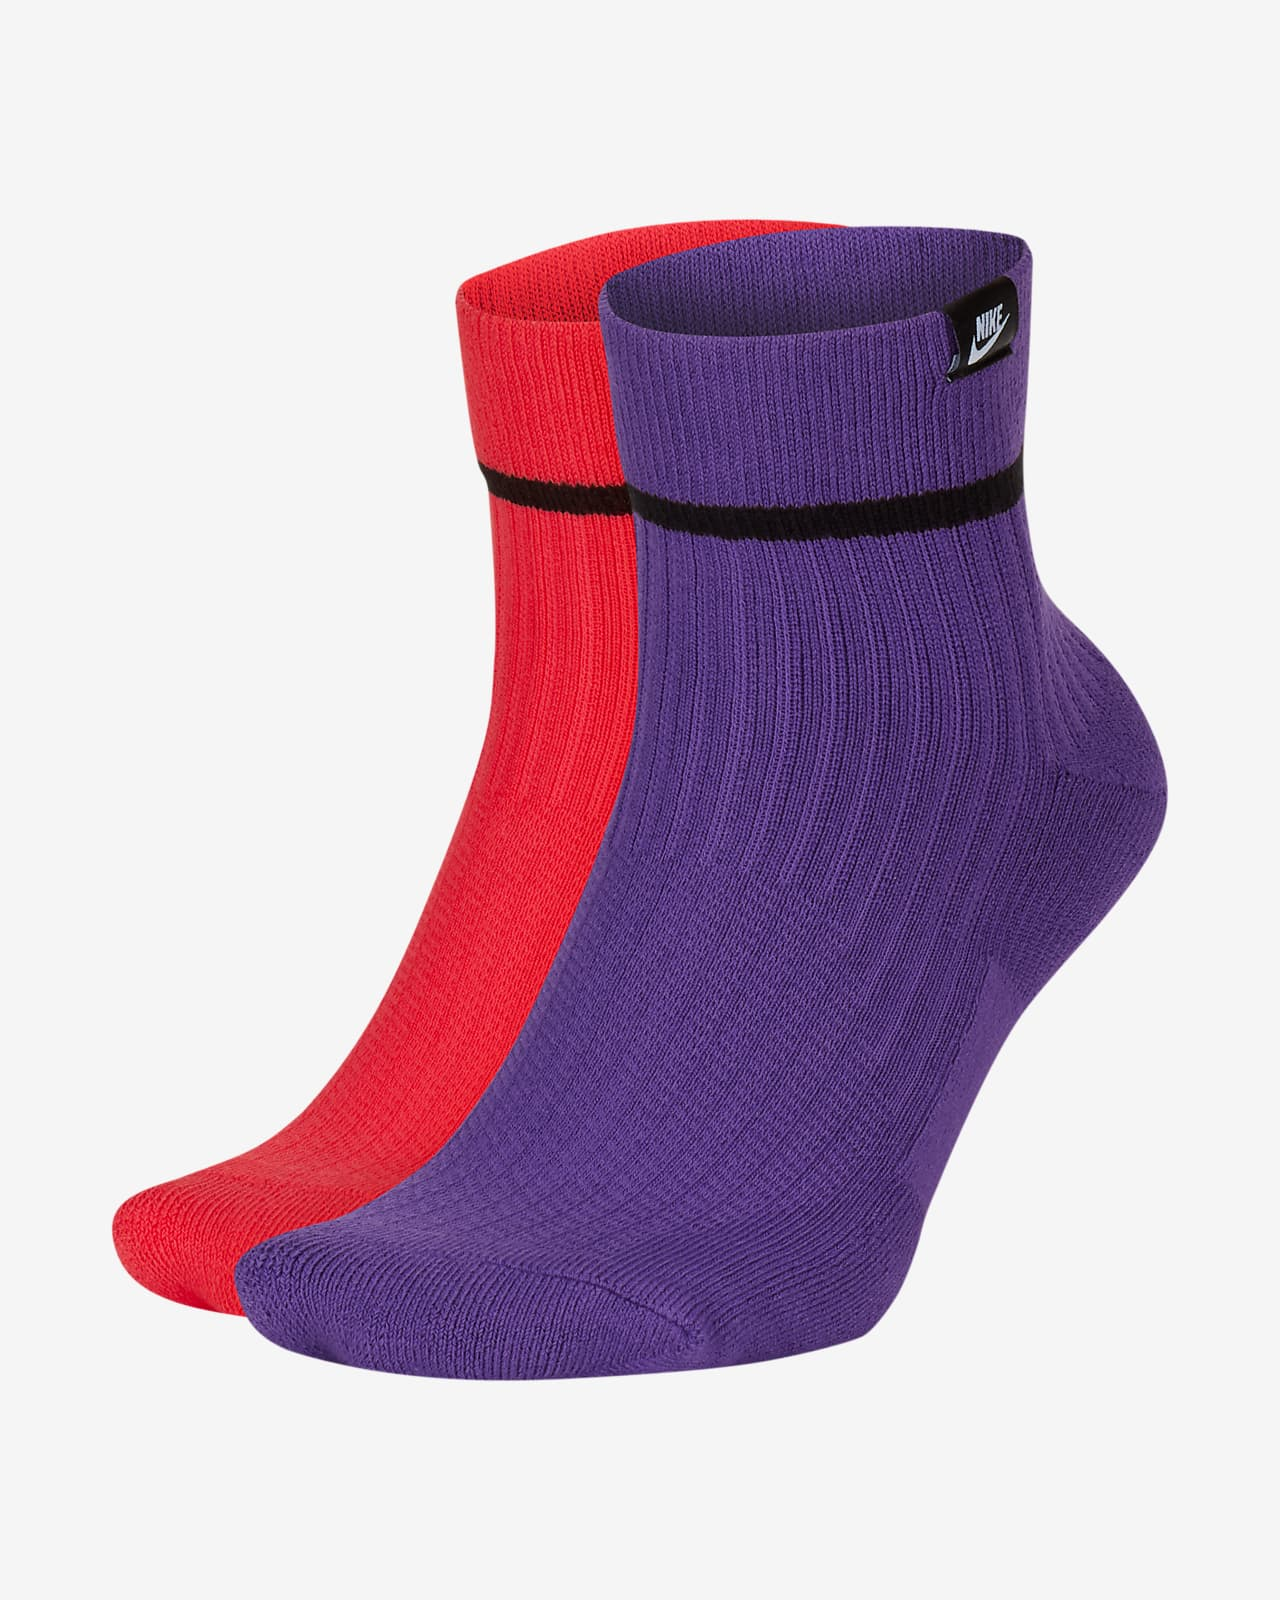 ถุงเท้าหุ้มข้อ Nike SNKR Sox (2 คู่)